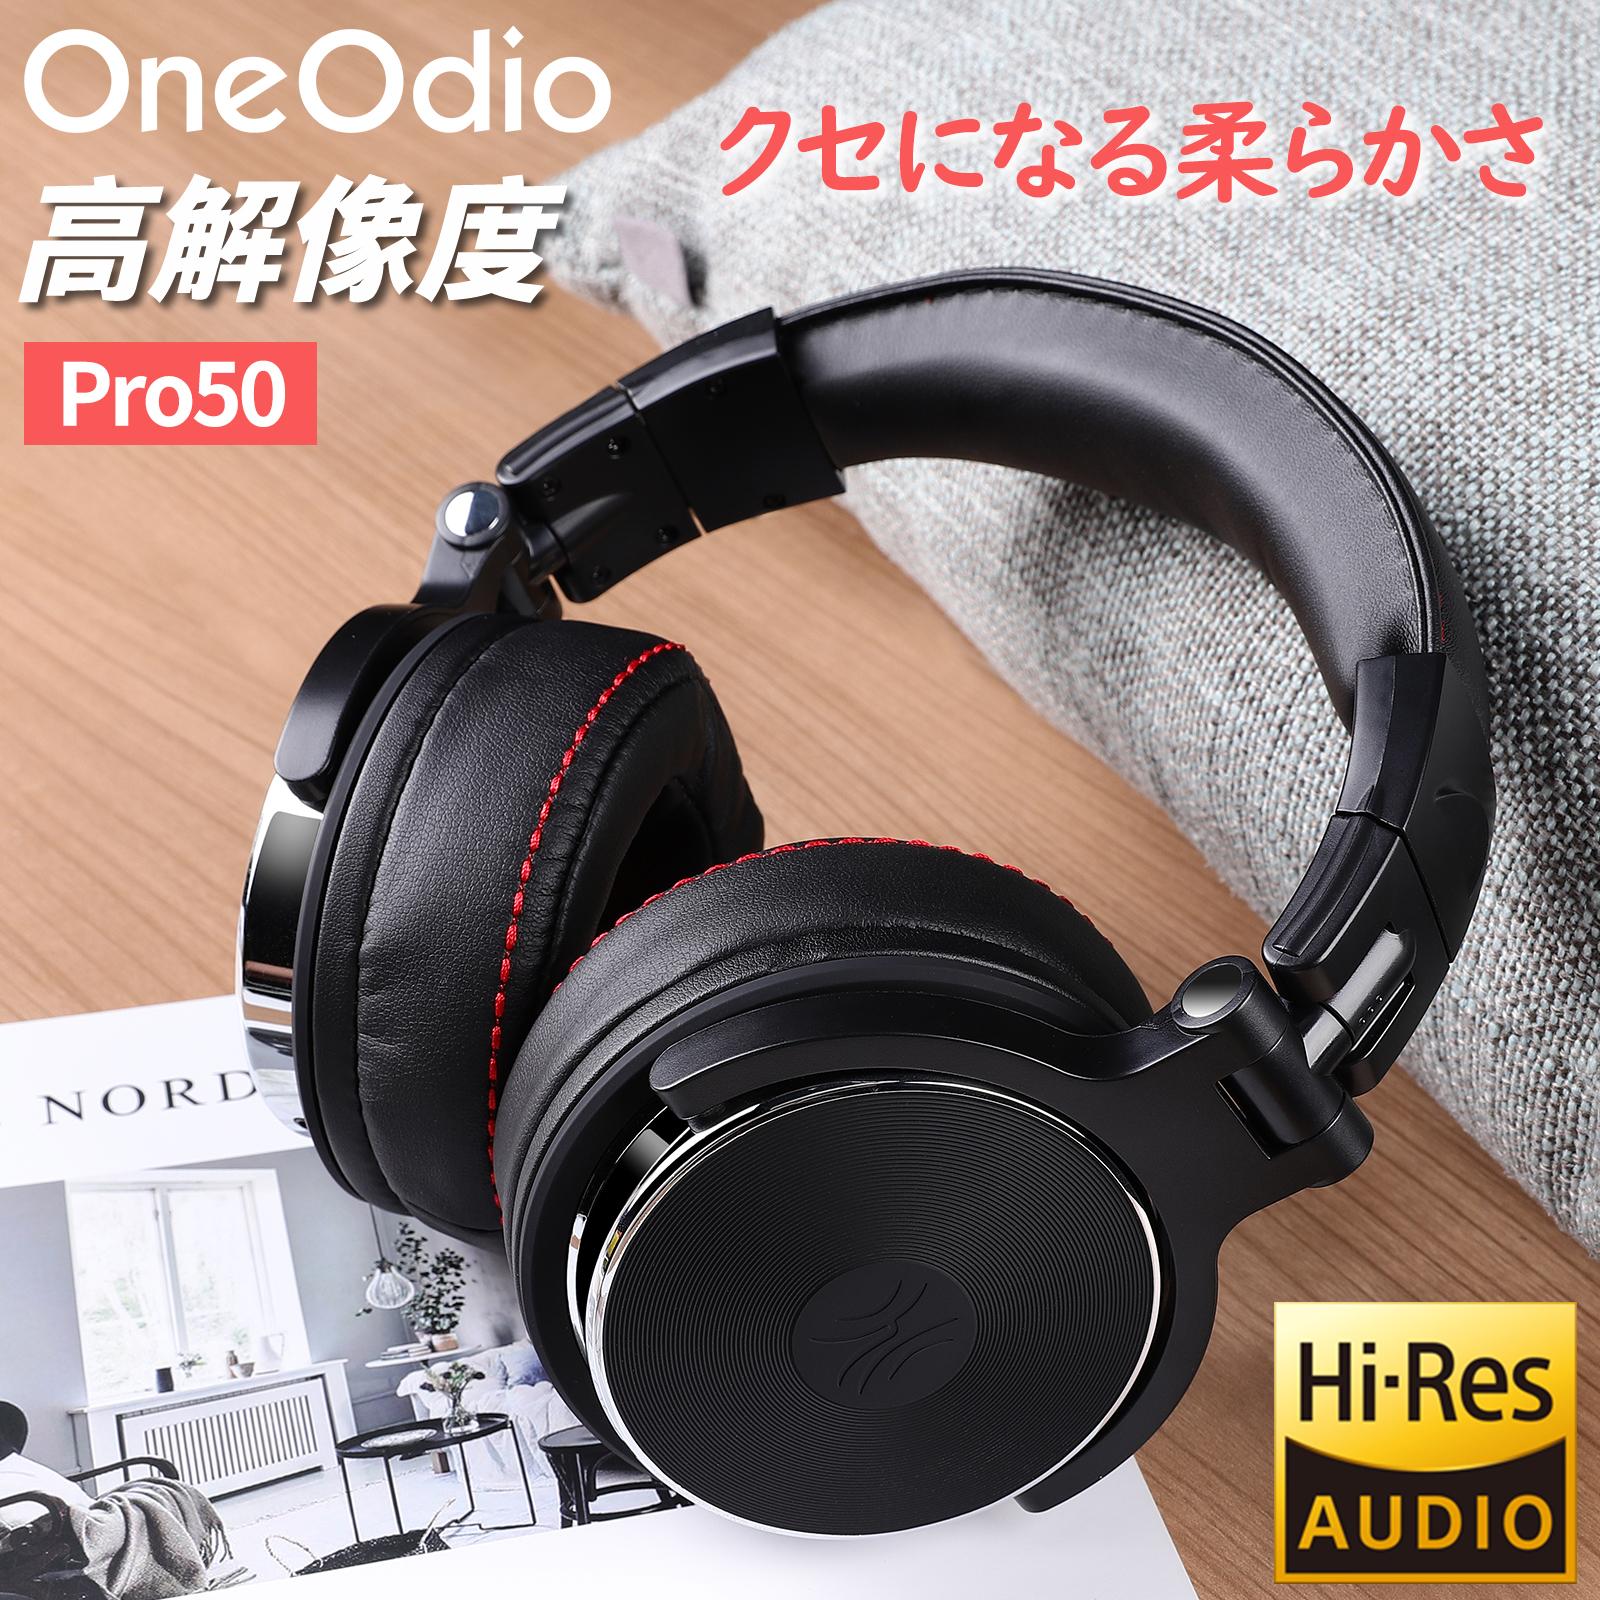 レビュー特典あり 日本オーディオ協会認証済みHi-Res 解像度が高く 密閉型のハイレゾ対応ヘッドホンです 売り込み 高音質 上質 OneOdio Pro50 ハイレゾ ヘッドホン マイク付き 有線 Hi-res 高解像度 ヘッドセット 50mmドライバー モニターヘッドホン 黒 ピアノ PC PS4 オーバーイヤーヘッドホン 子供用 ギター 電子 密閉型 DJ用 音楽 ミキシング キーボード ブラウン 楽器練習